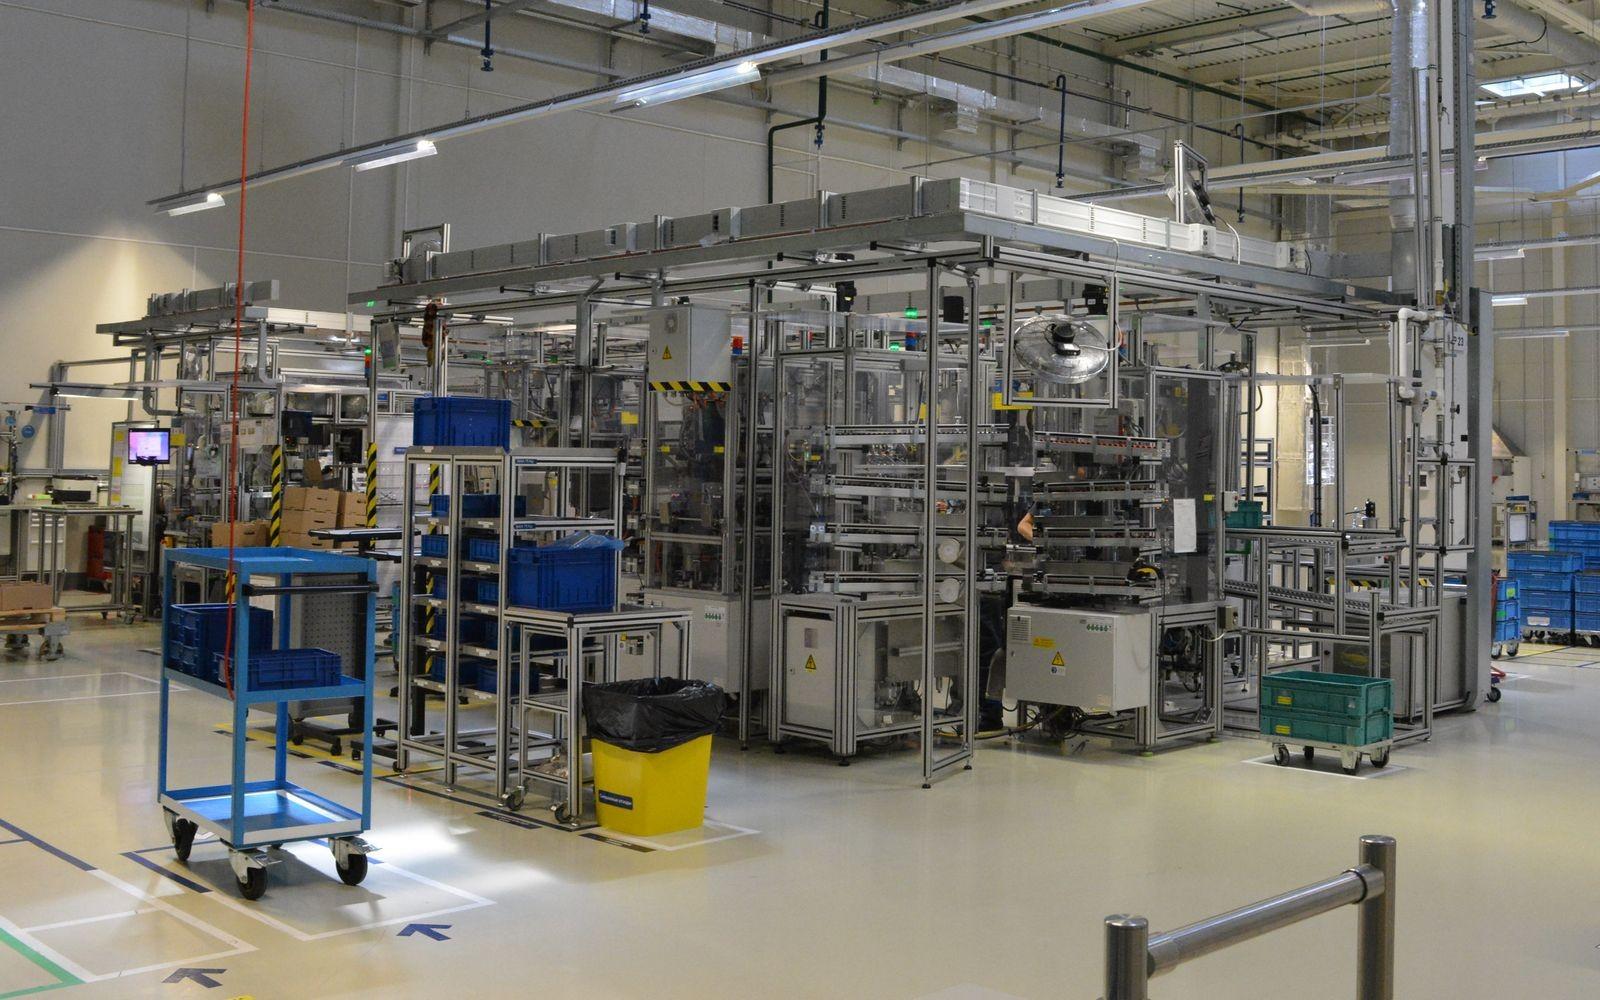 Вот это непонятное сооружение размером со среднюю комнату – конвейер по сборке блоков ABS/ESP, внутри периметра которого трудится по меньшей мере 10 человек.